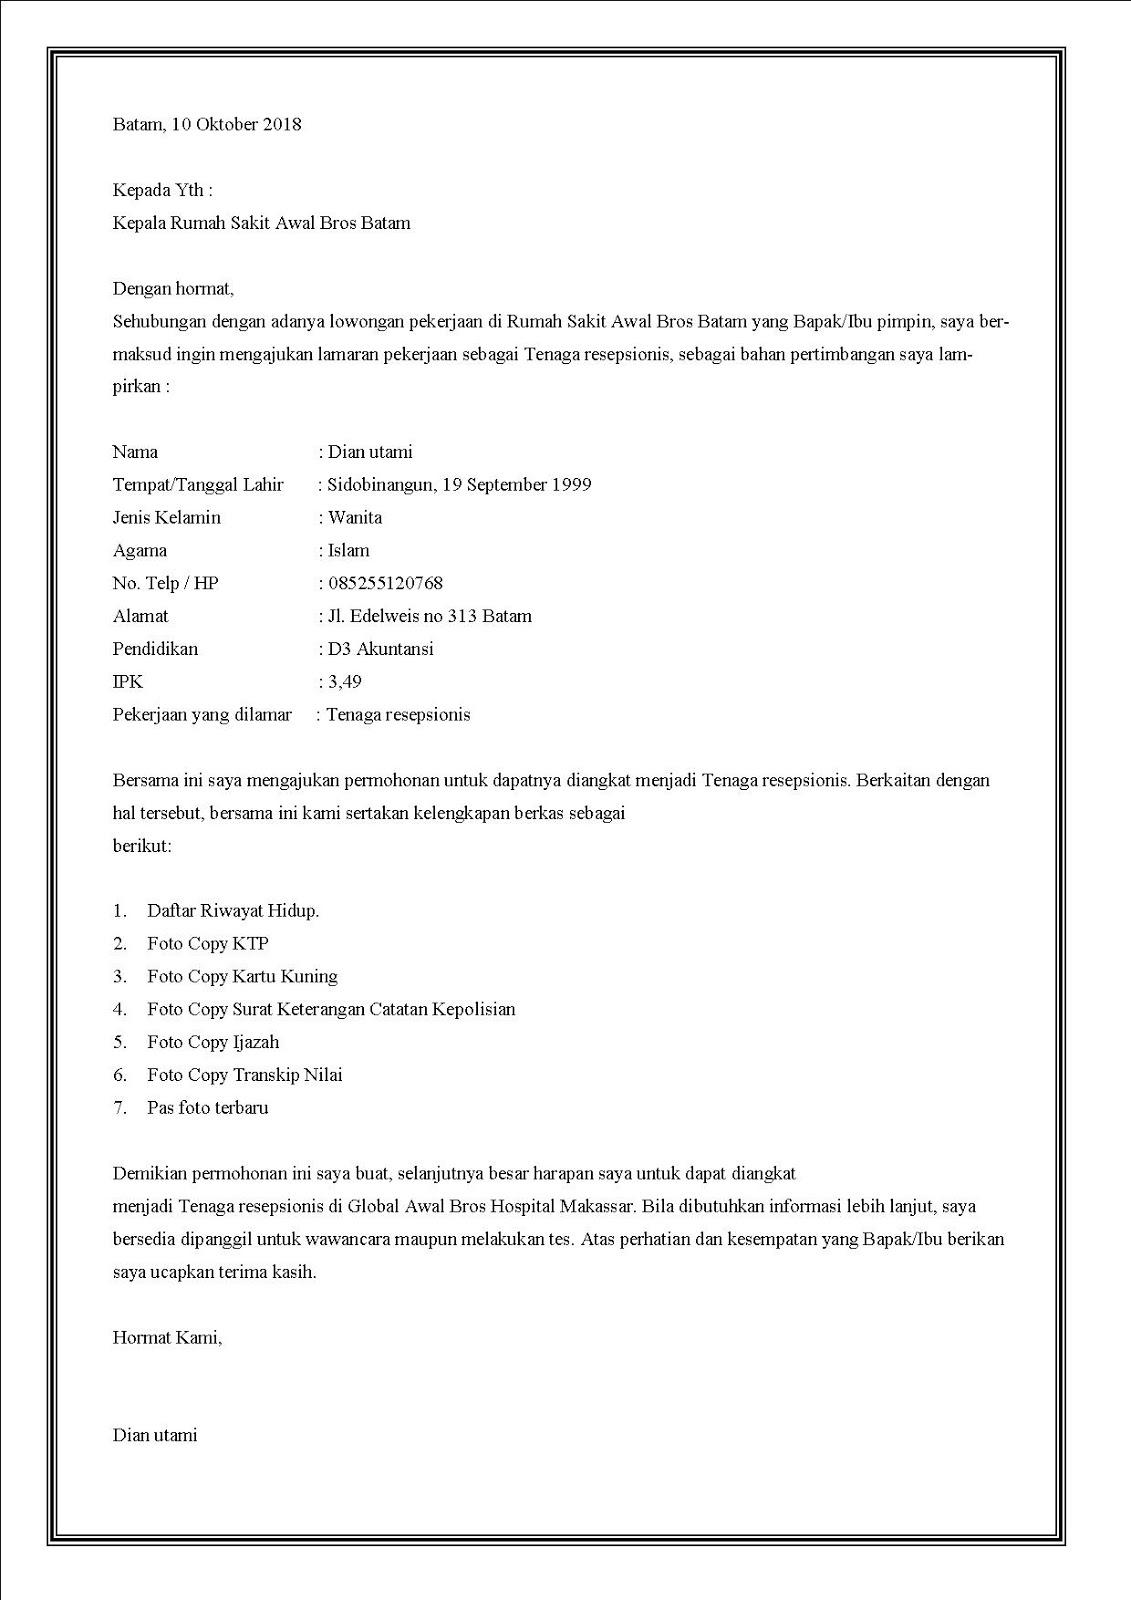 contoh surat lamaran kerja di rumah sakit sebagai resepsionis